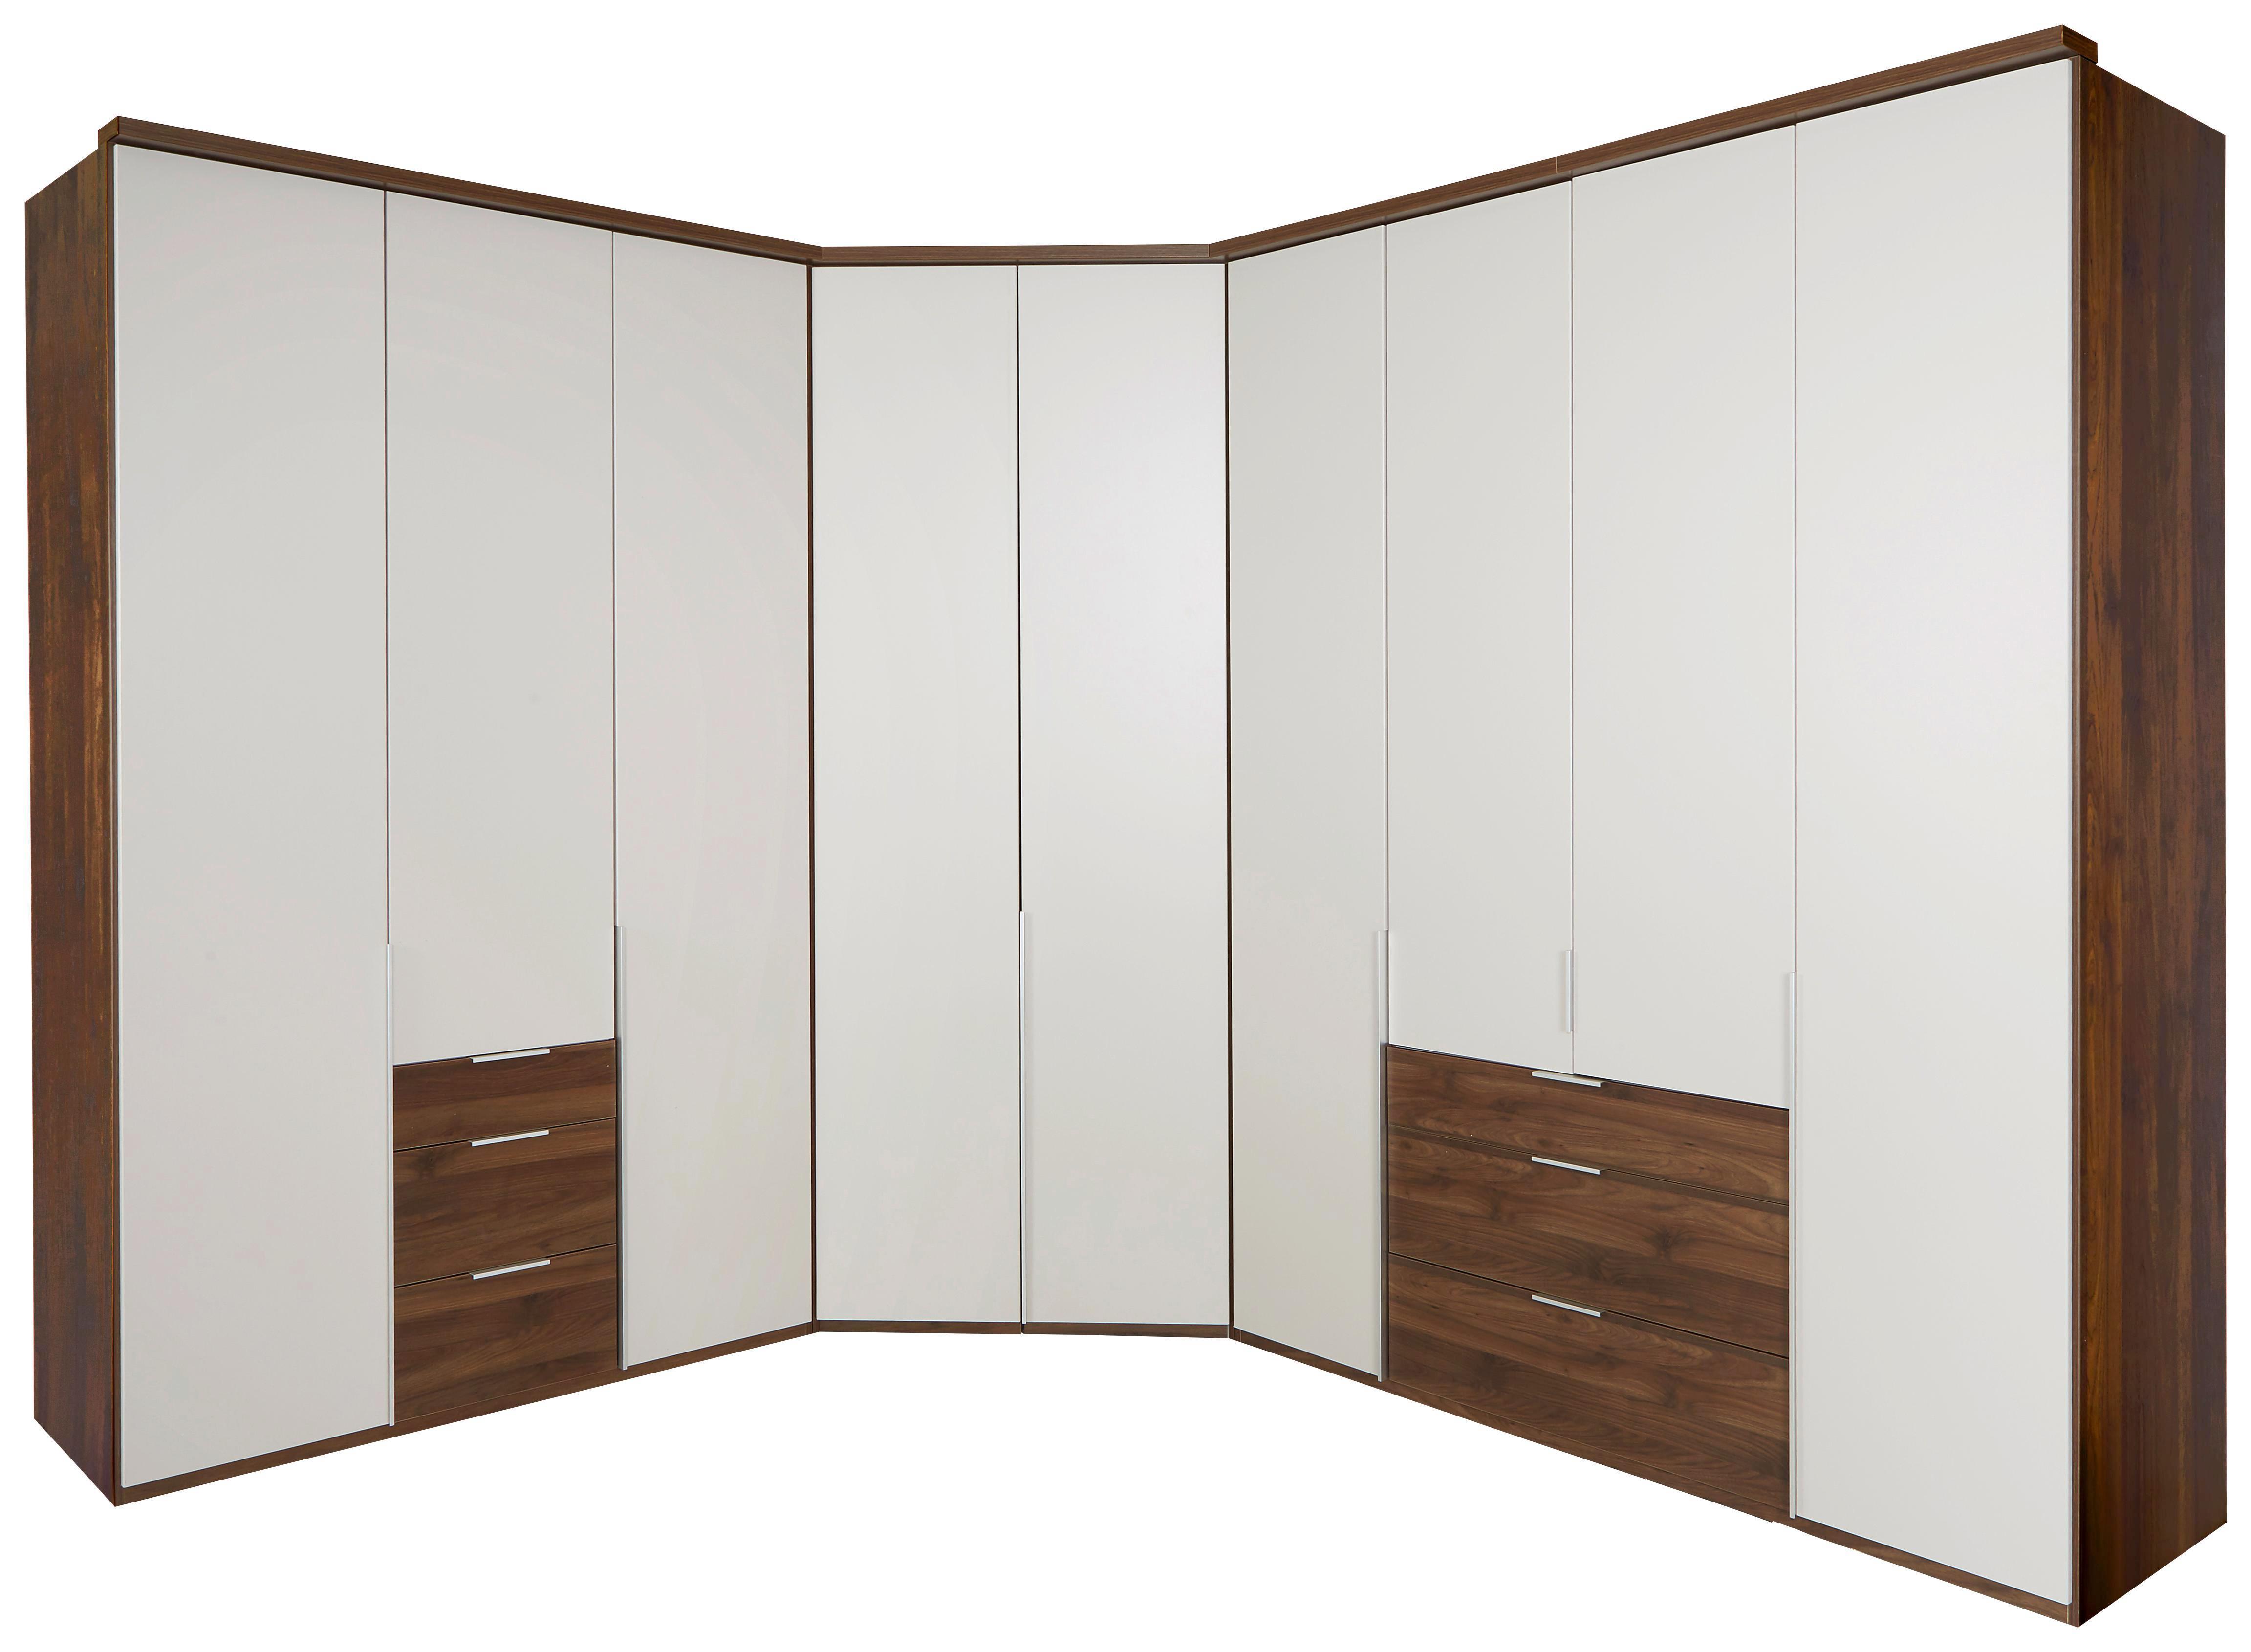 Ormar Za Odjeću Ormar Za Odjeću - boje oraha, Konvencionalno, drvni materijal/drvo (135/234/58cm) - OMBRA